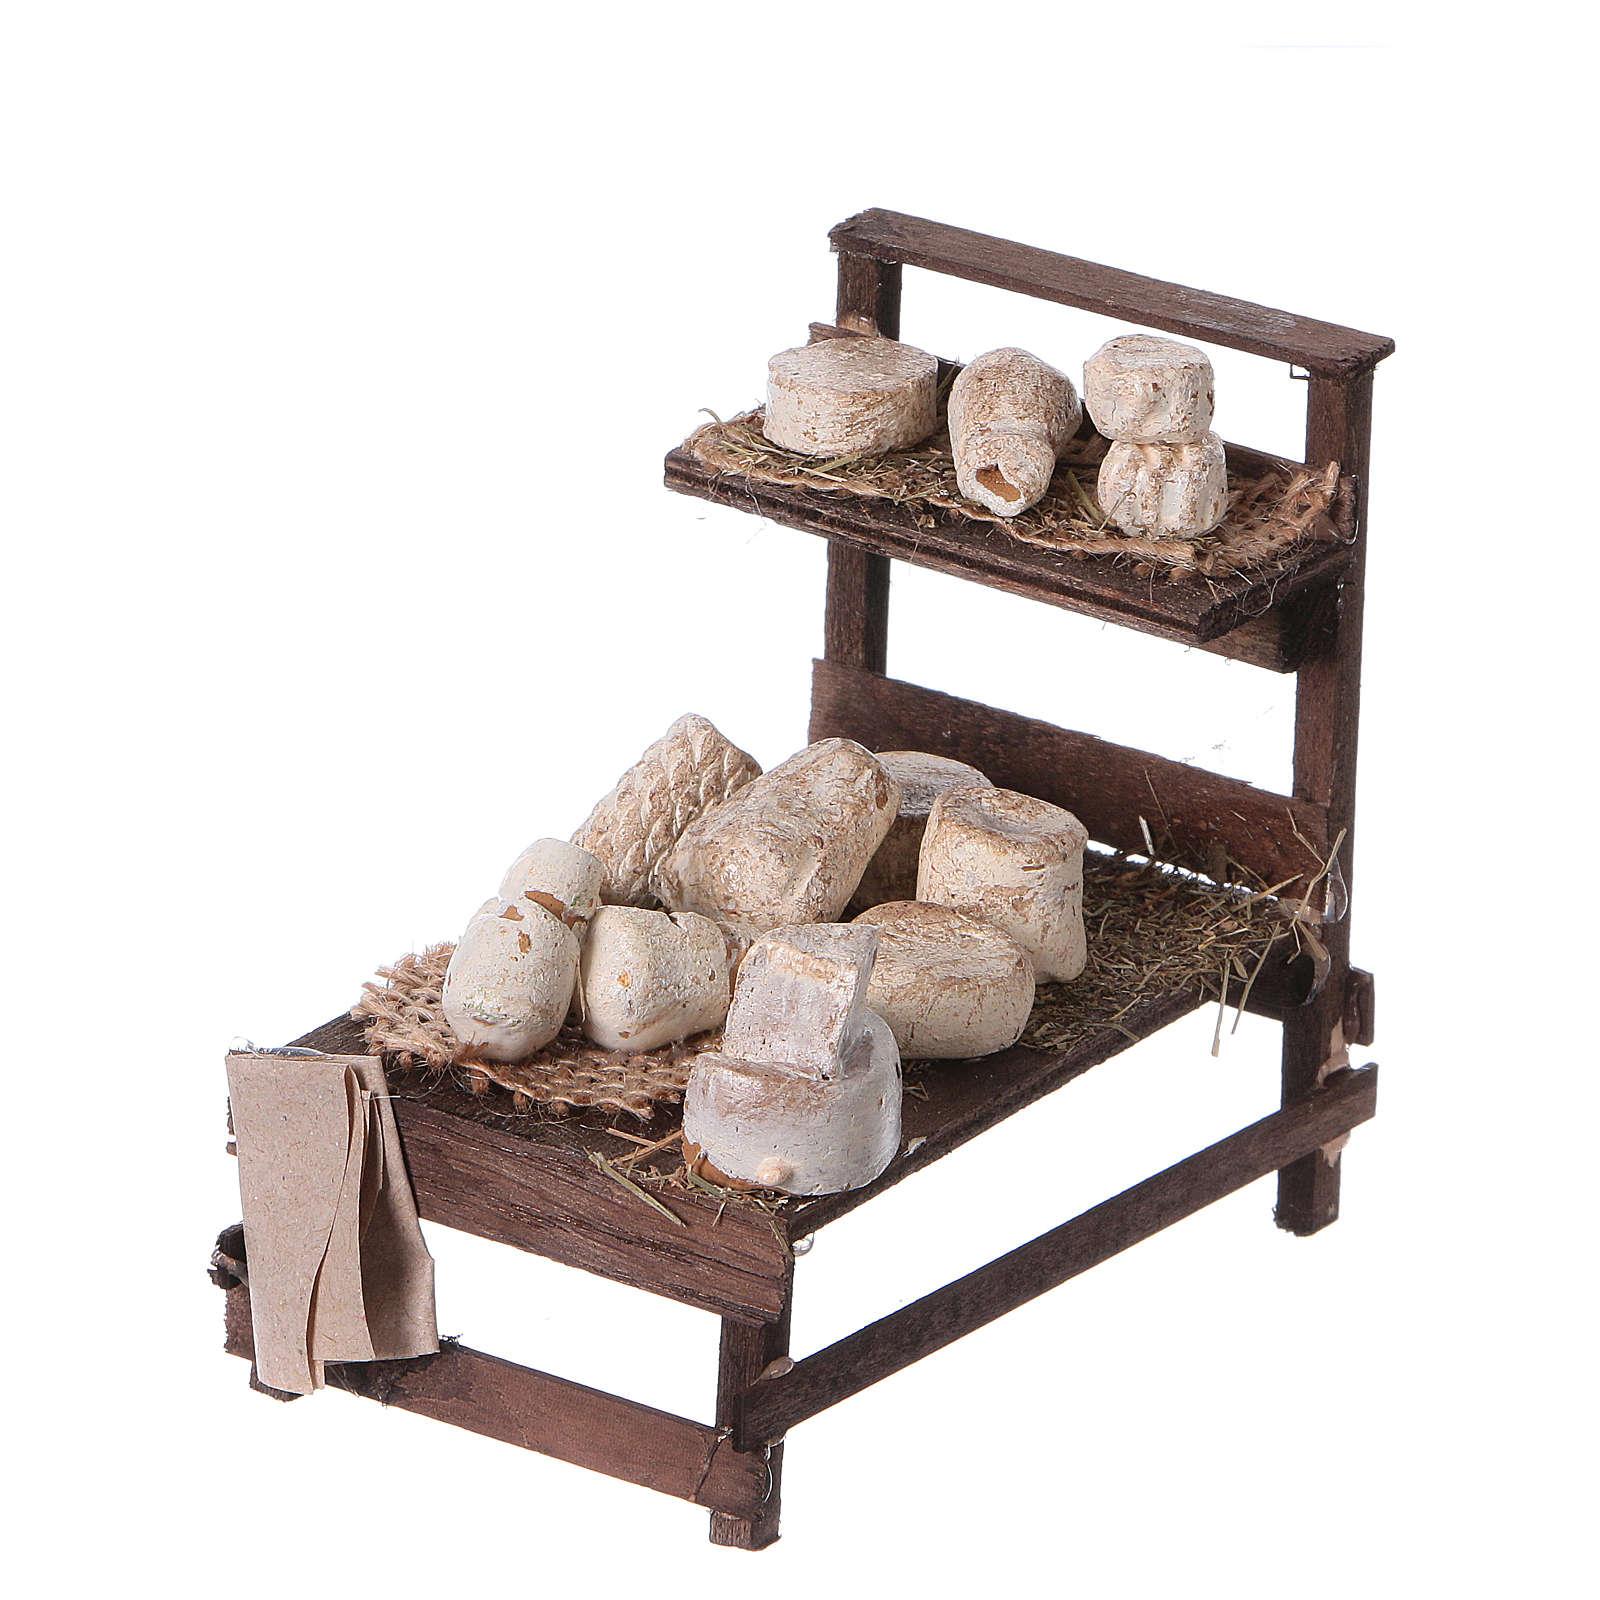 Mesa madera con quesos terracota belén 4